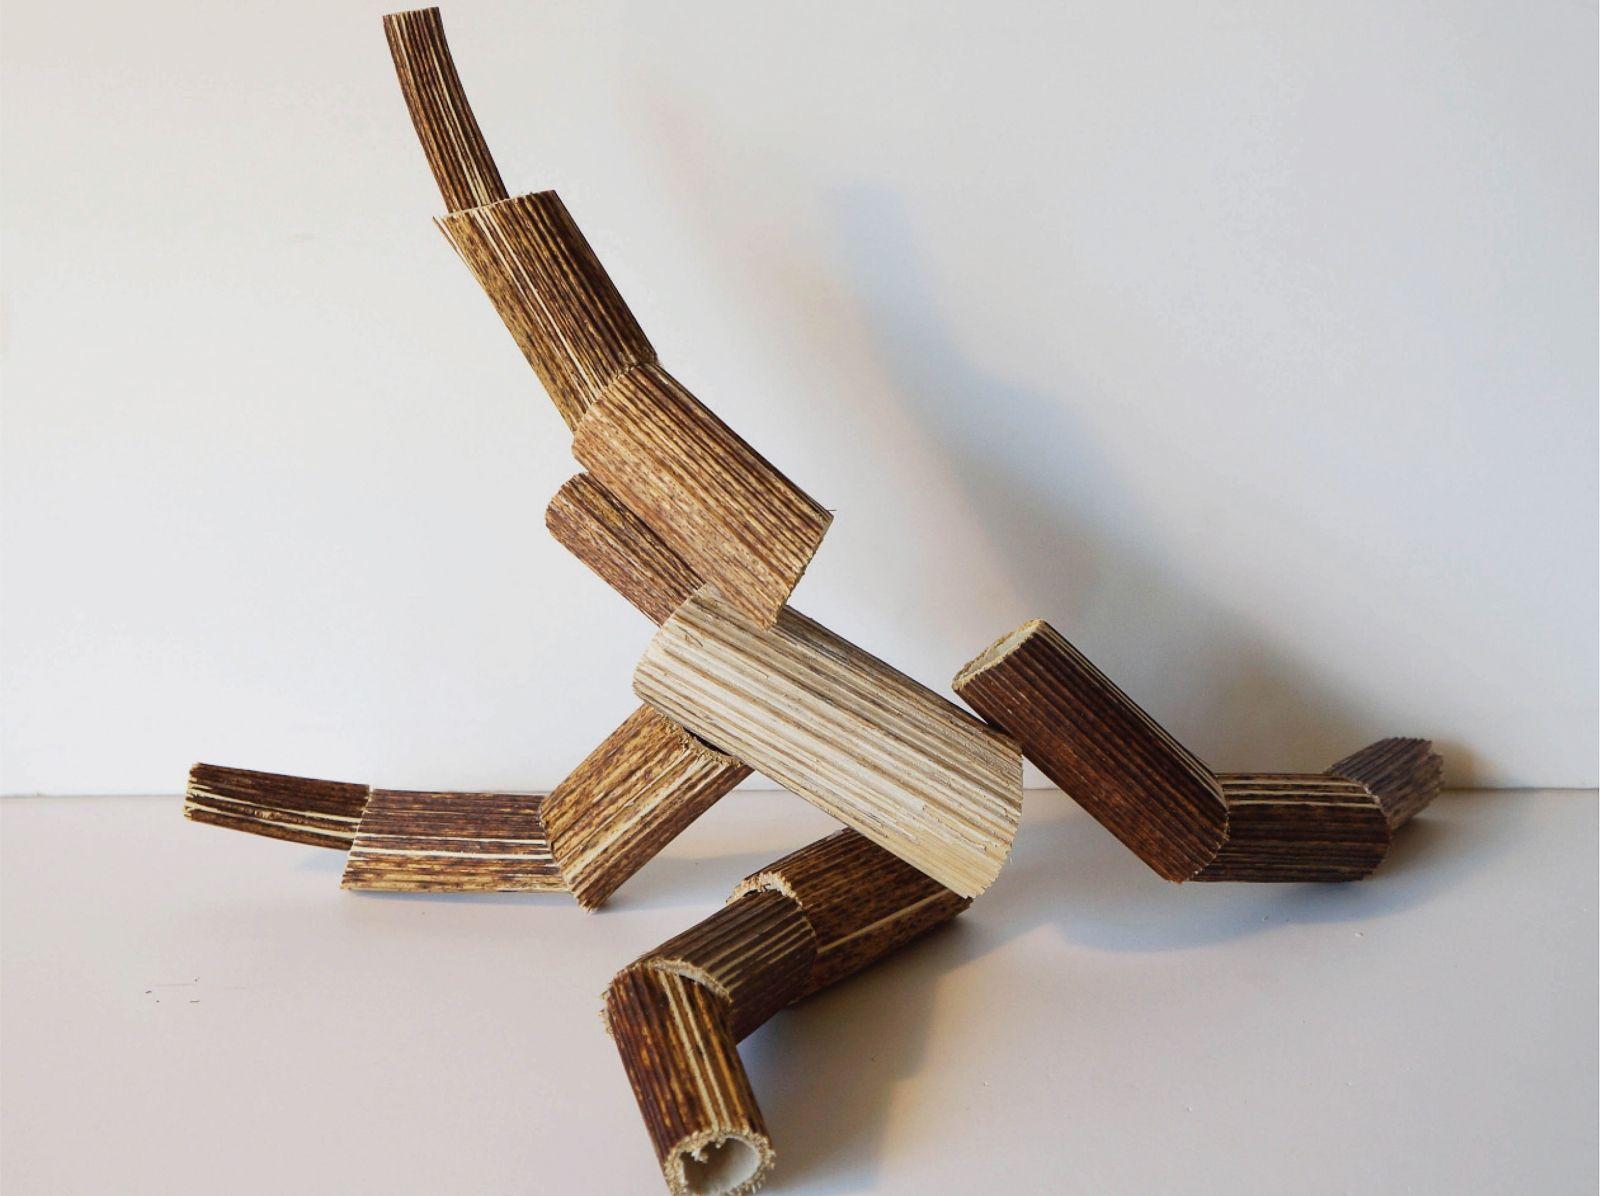 Фабрика Борщевик: в Дарвиновском музее представят выставку в честь опасного сорняка